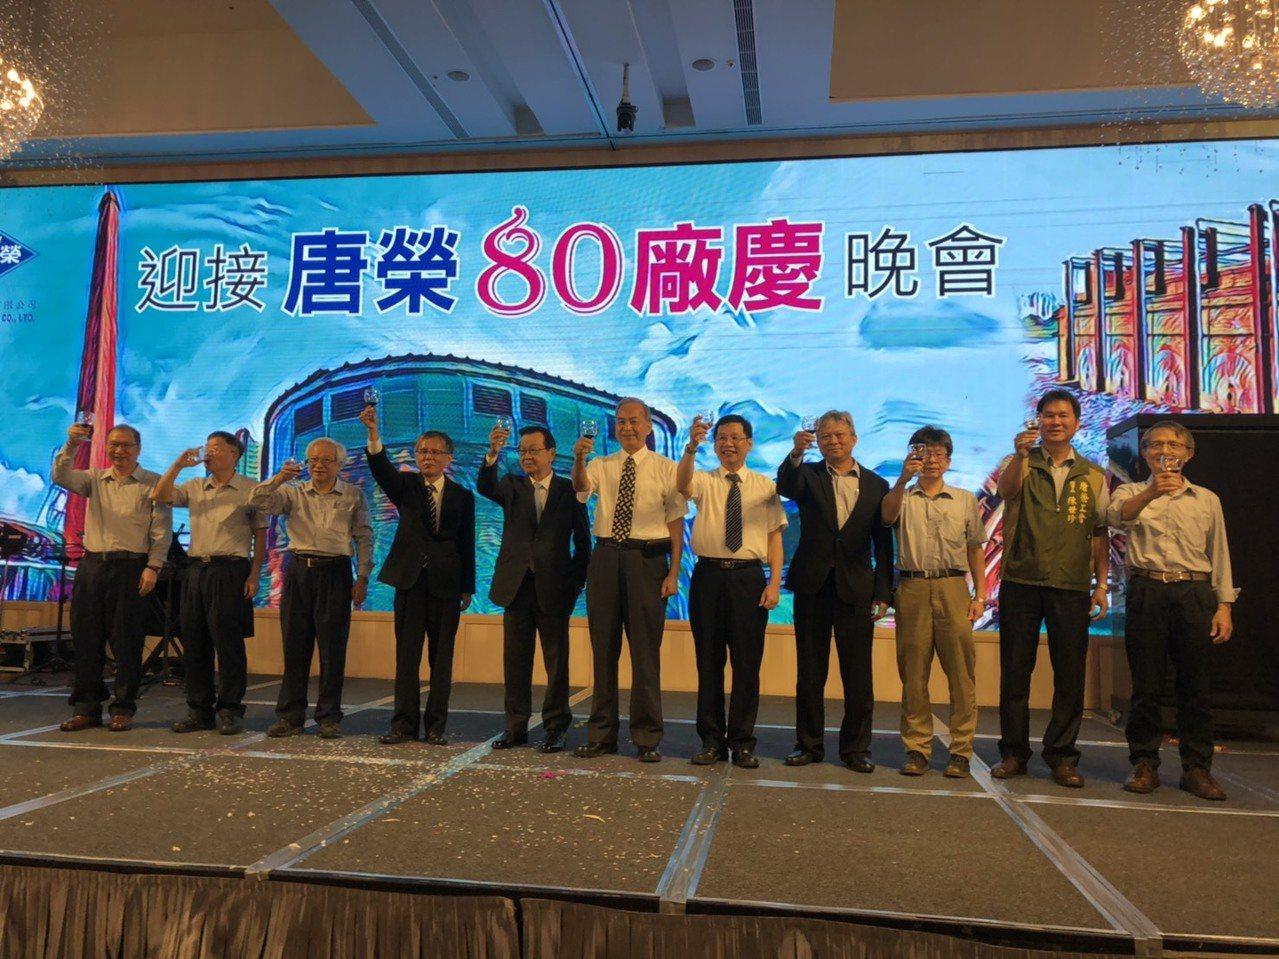 台灣第一家不鏽鋼廠唐榮鐵工廠將跨過建廠80周年,今晚在漢神巨蛋舉行「80周年廠慶...